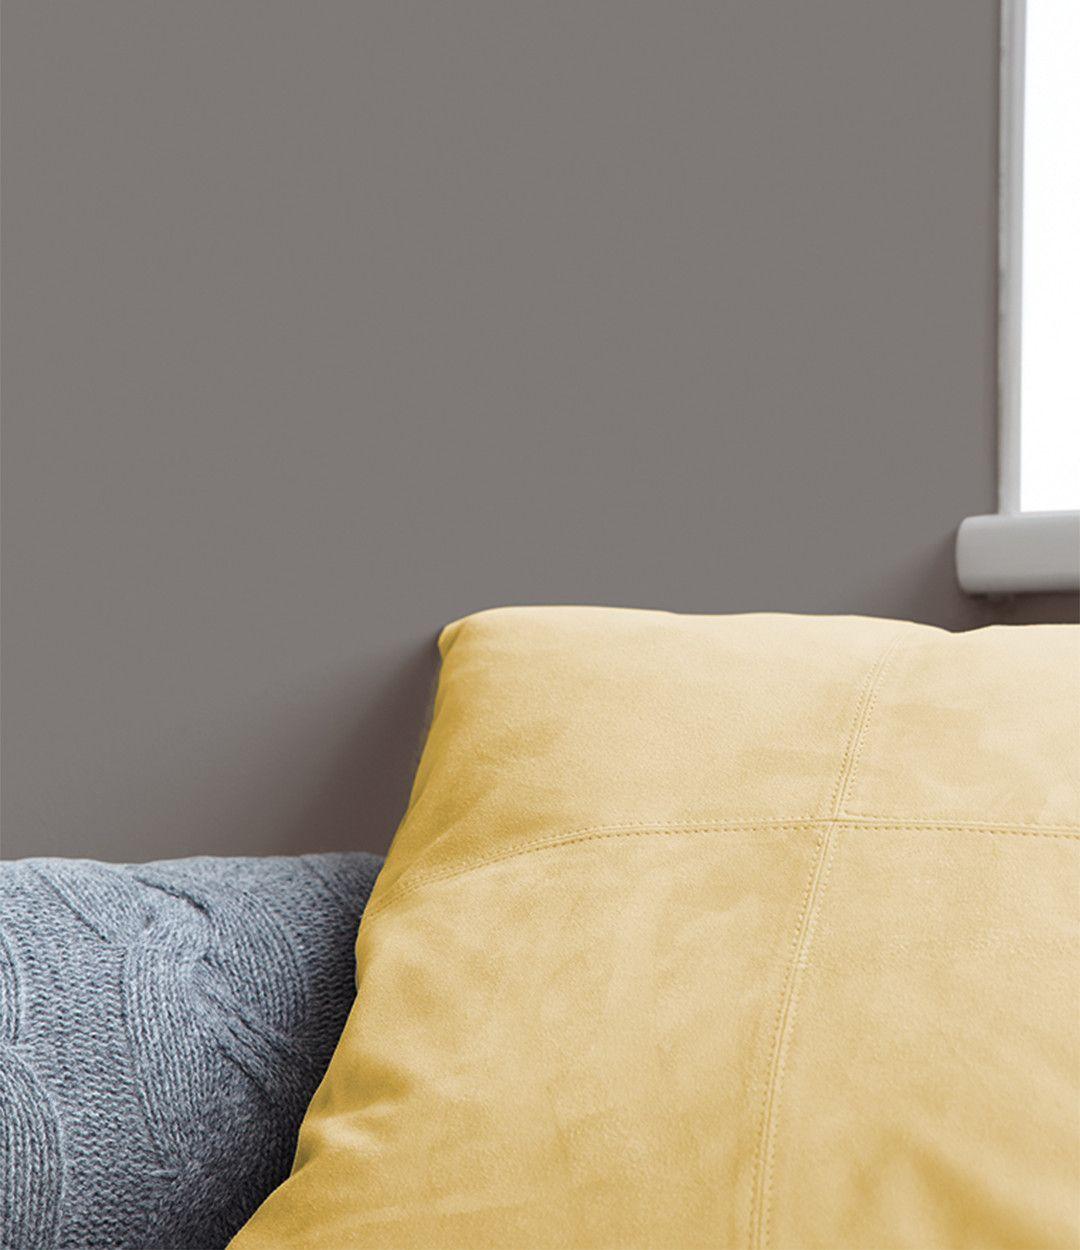 Alpina Feine Farben No 01 Starke Der Berge Naturliche Textilien Und Honigfarbene Stoffe Kreieren Eine Ruhige Geborgene Raums Feine Farben Farben Wandfarbe